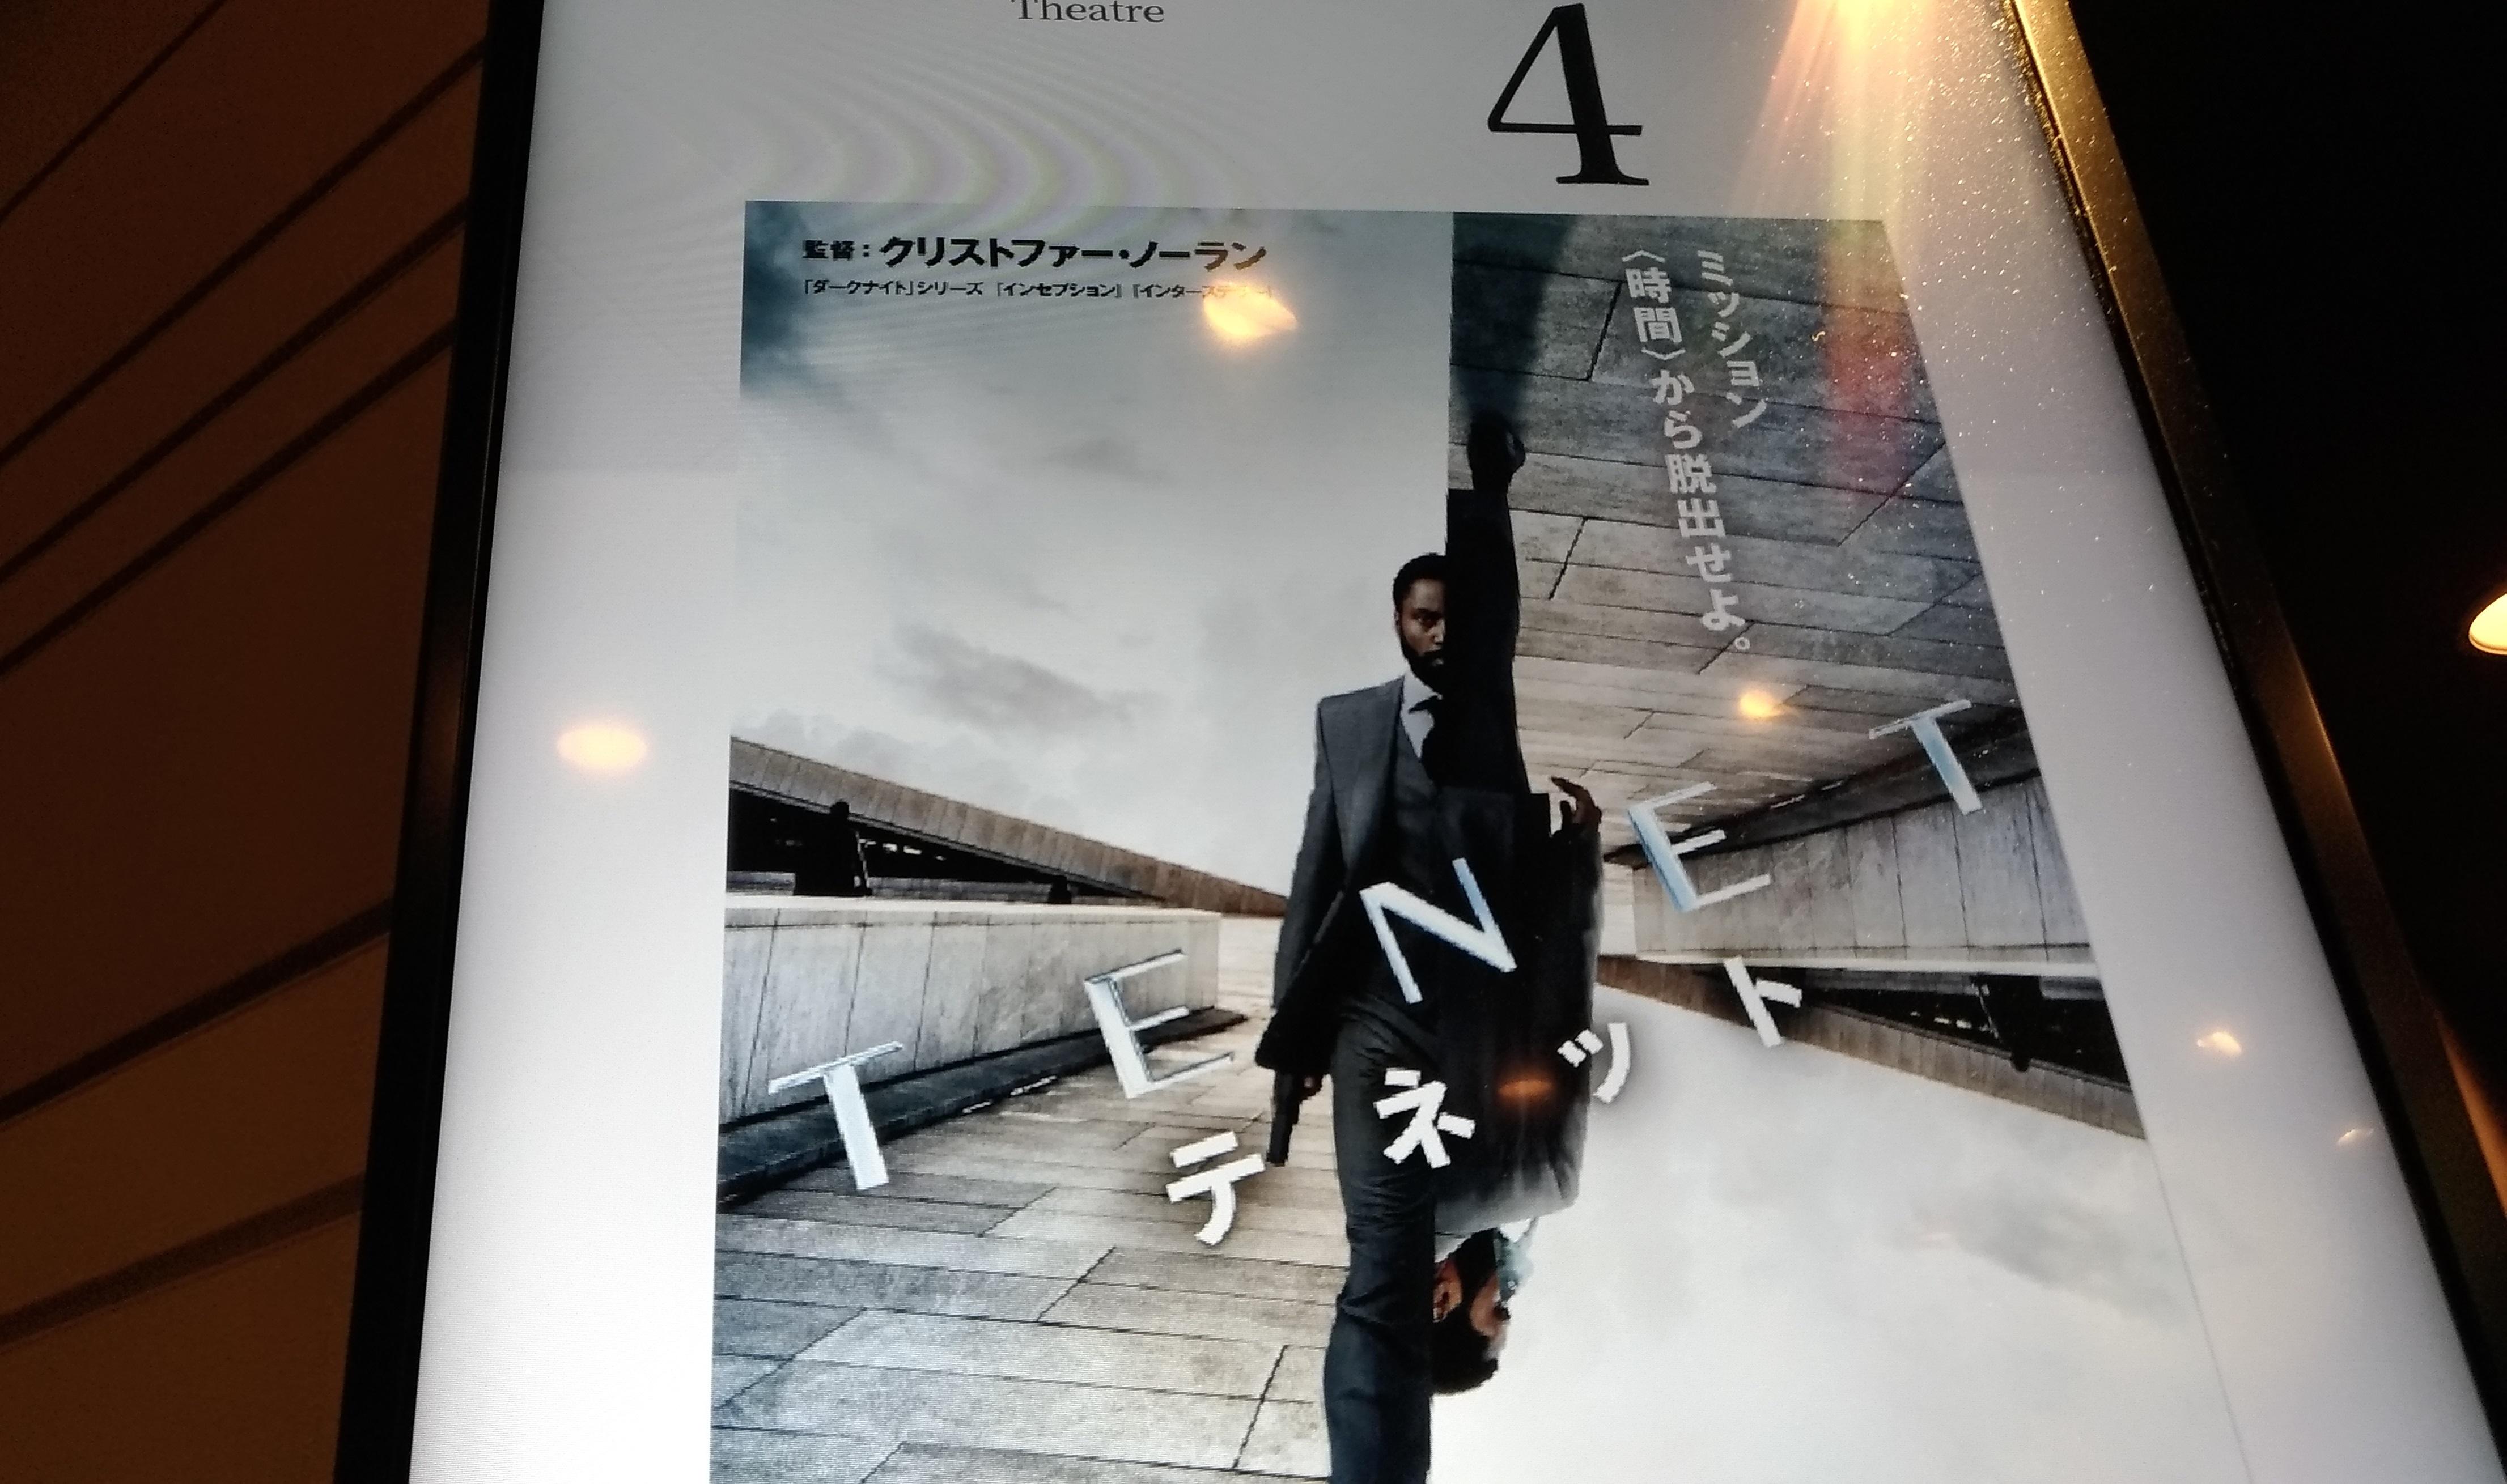 tenet_eiga_movies_0919_umeda.jpg